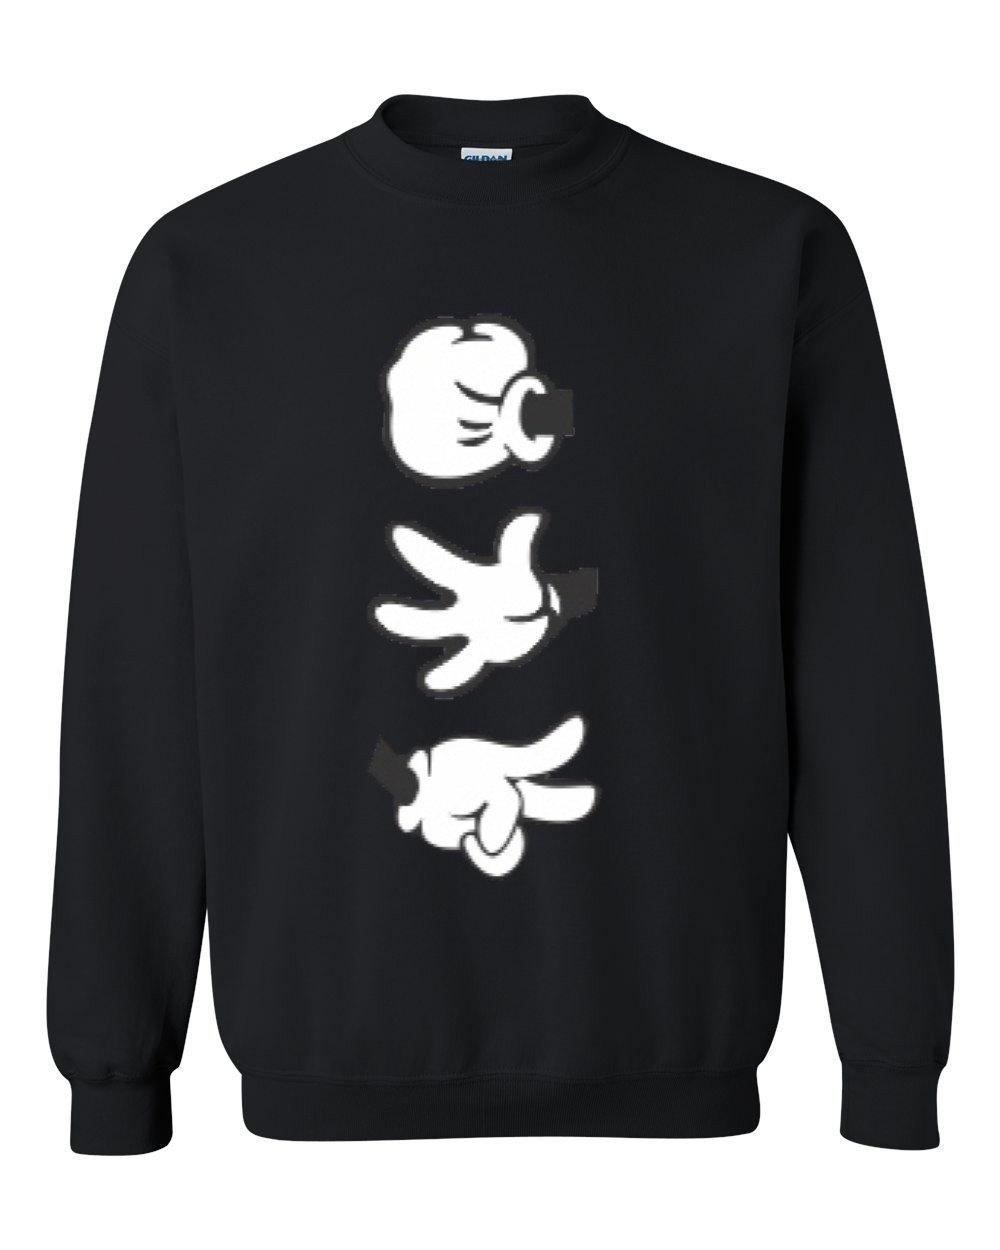 Tshirt 13505v For Sale